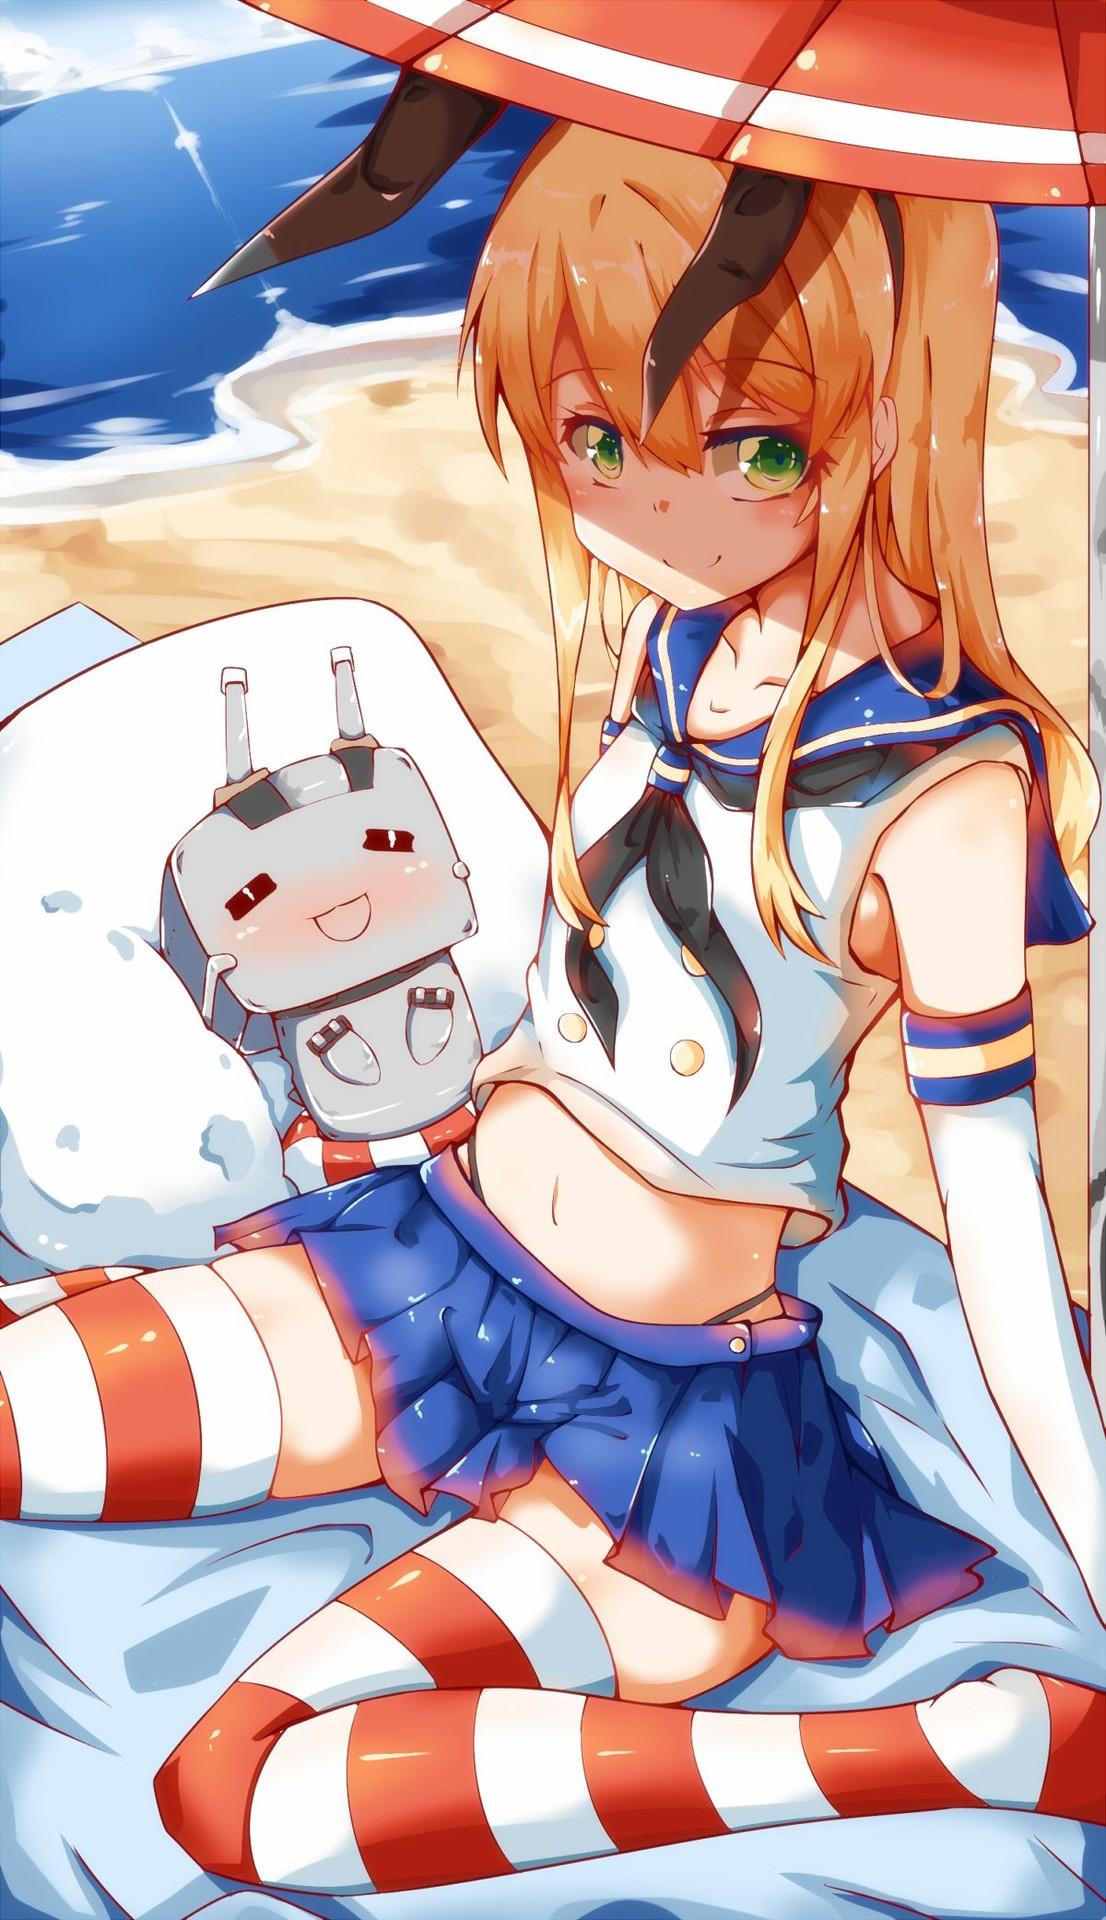 shimakaze_(kantai_collection)341